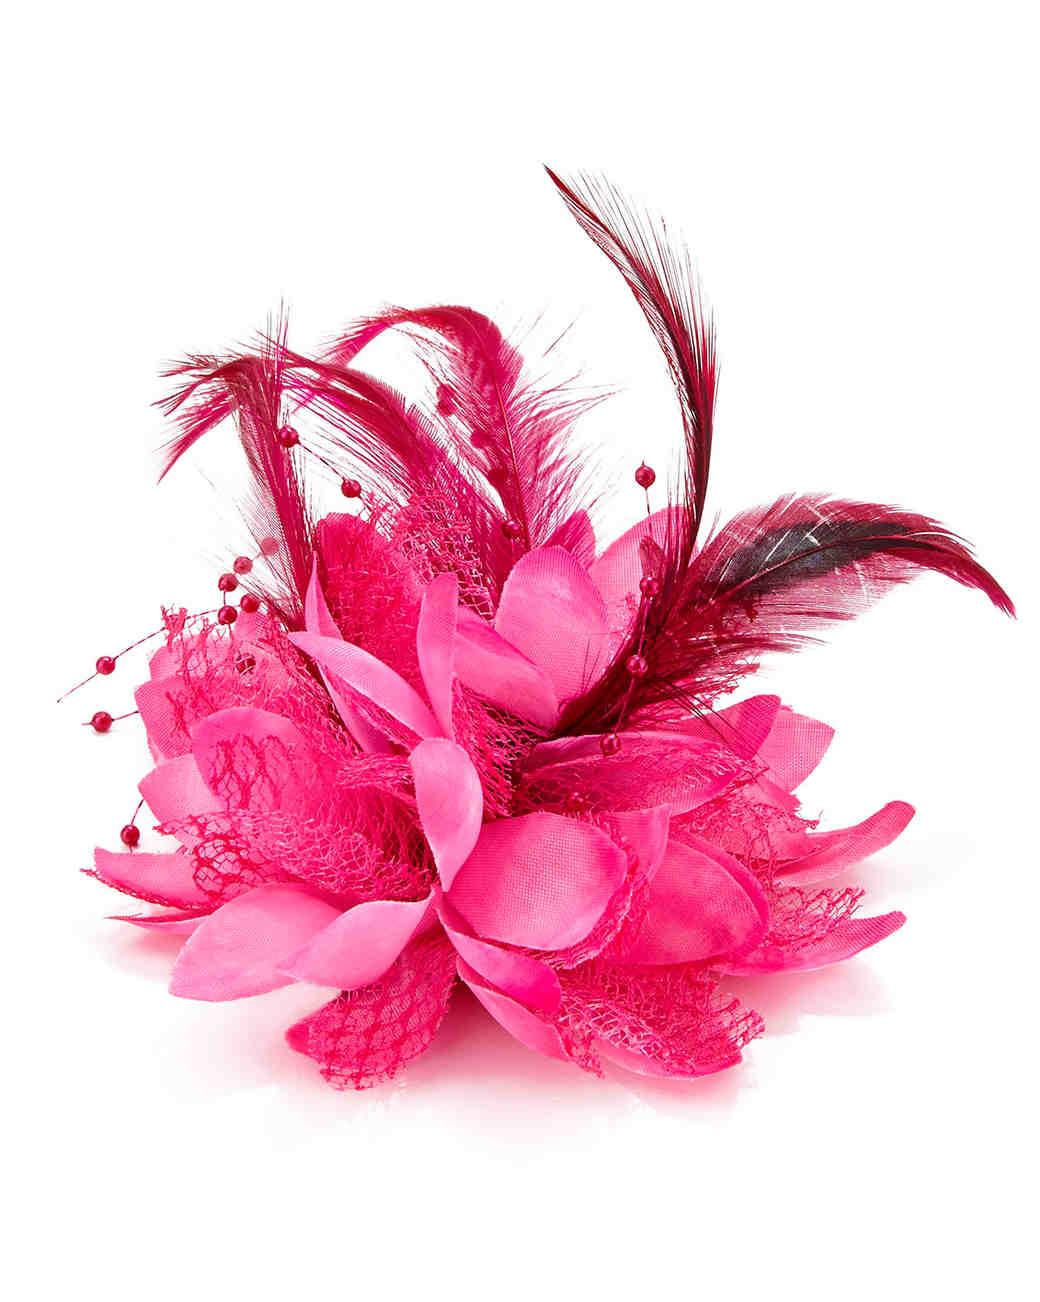 hair-accessories-bow-arts-hair-clip-1014.jpg